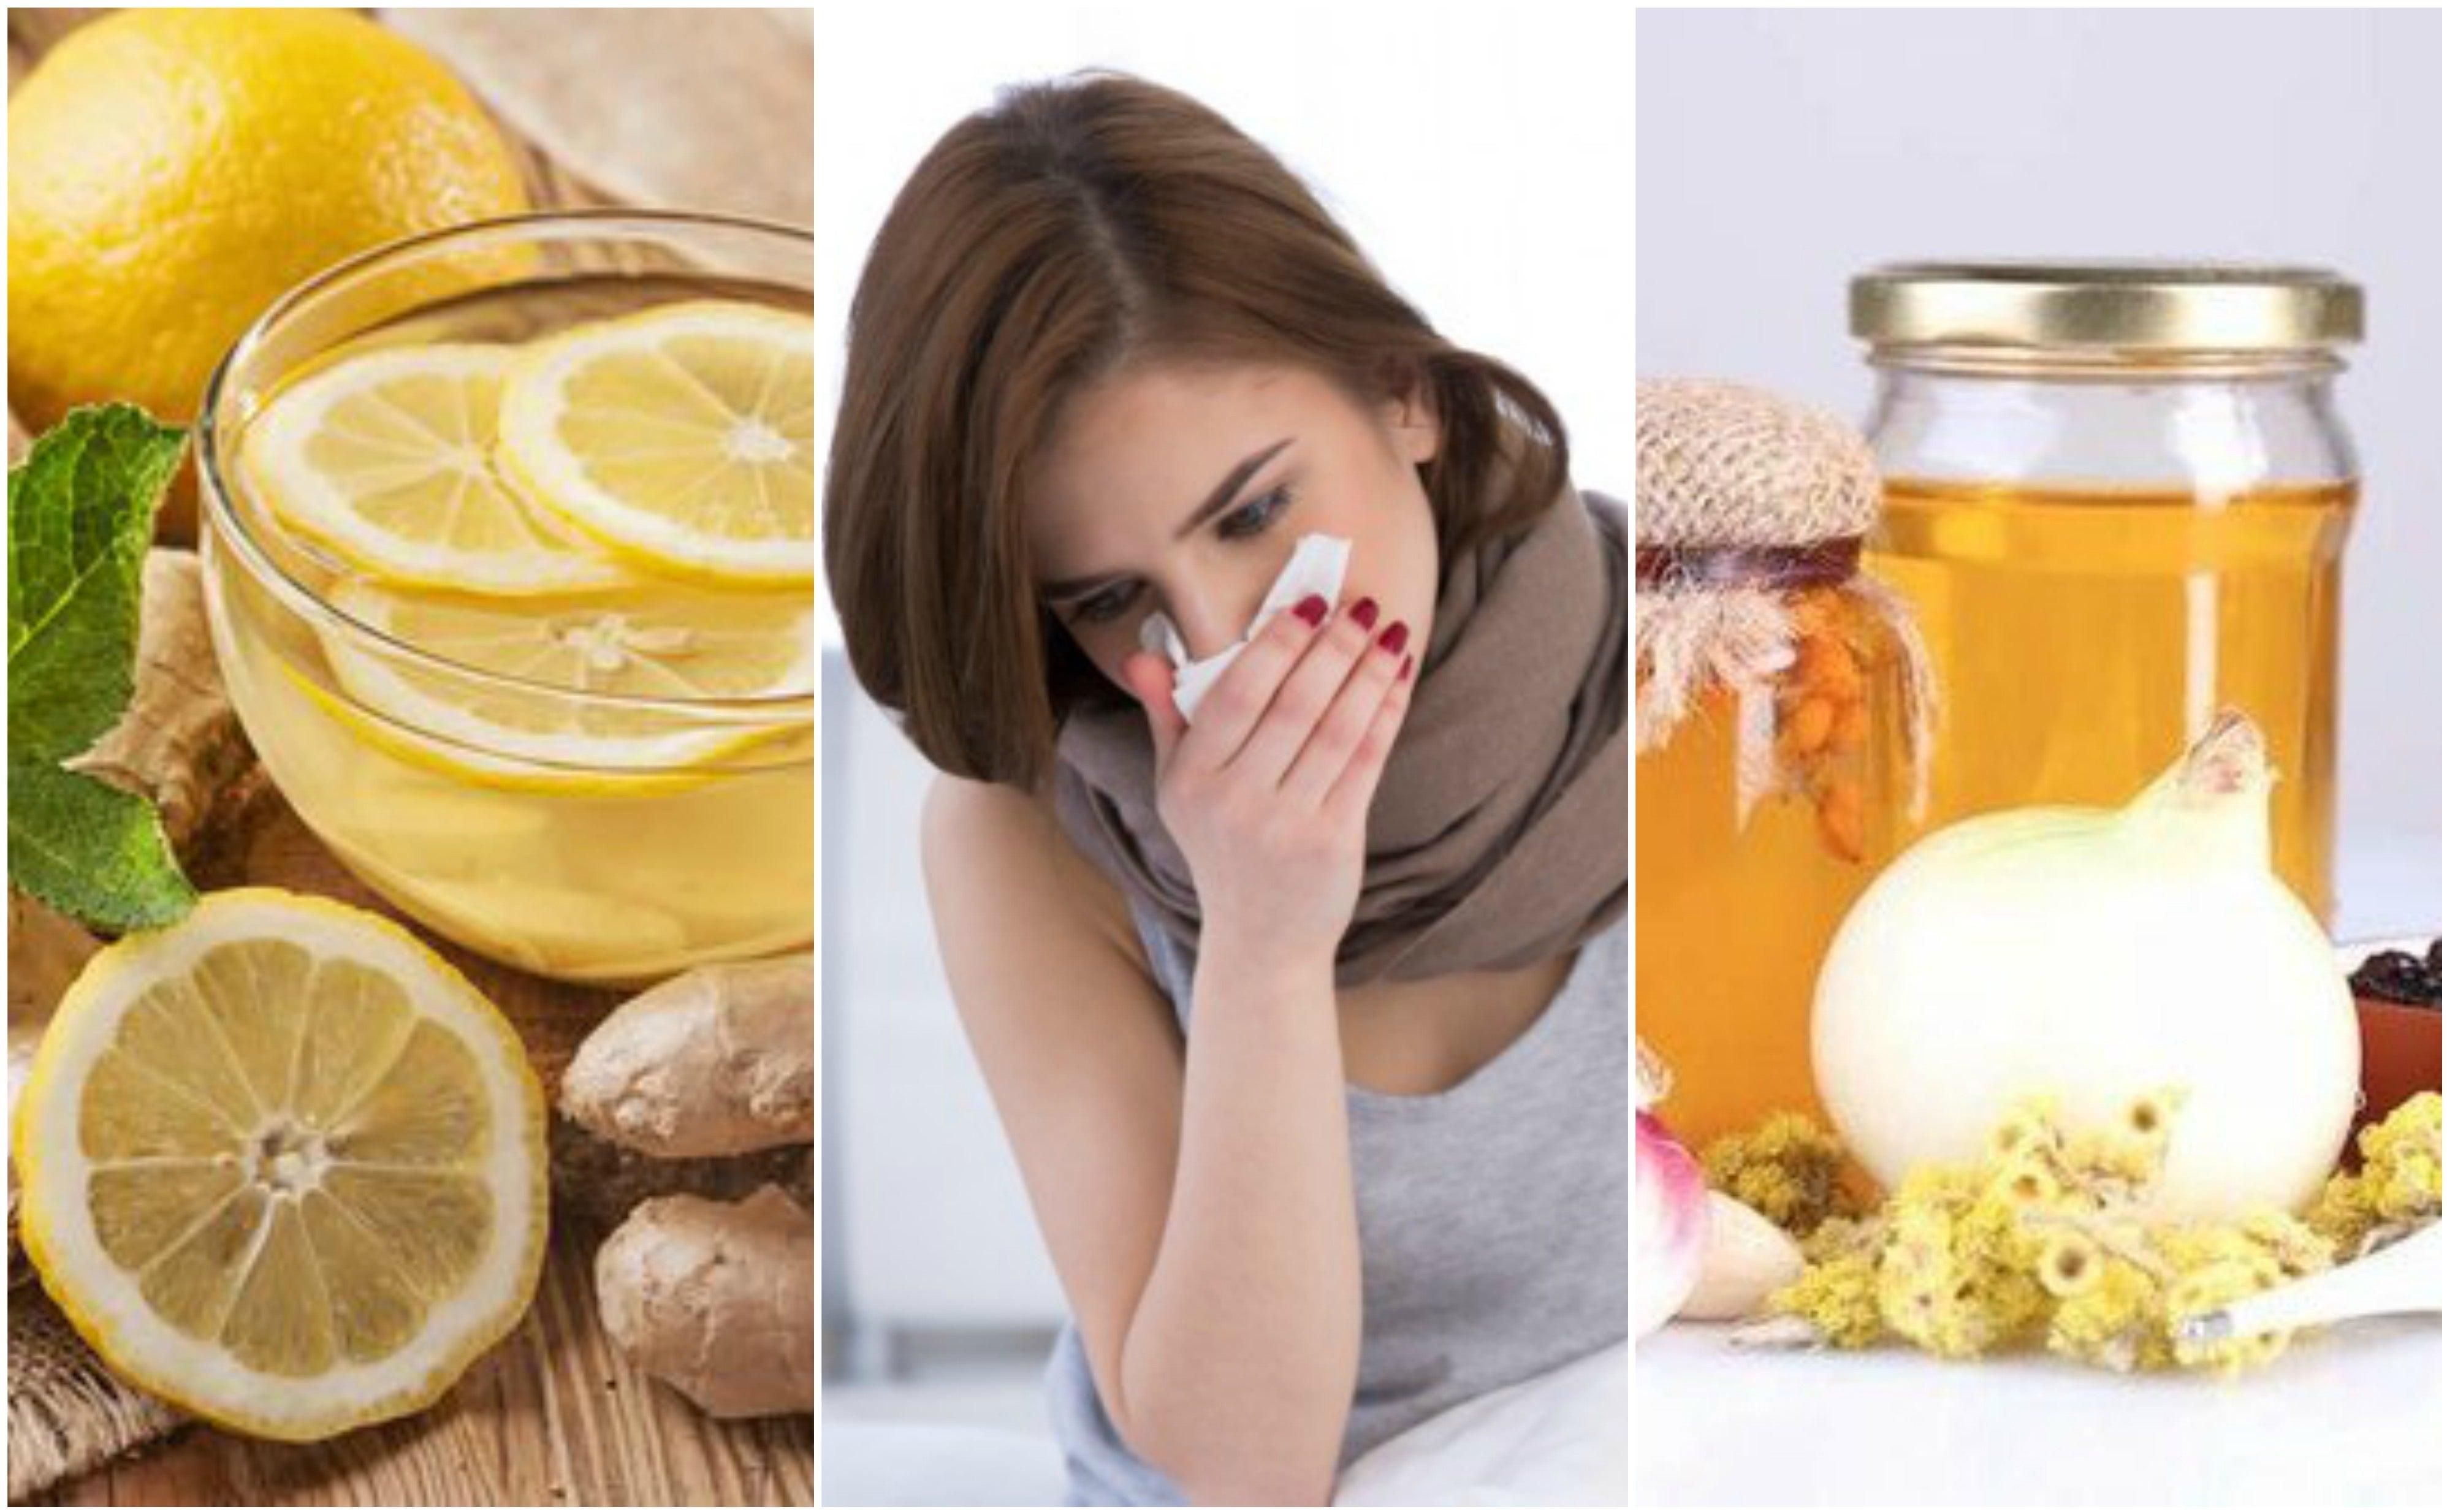 Elimina el exceso de flema y alivia la congestión con estos 5 remedios  caseros - Mejor con Salud